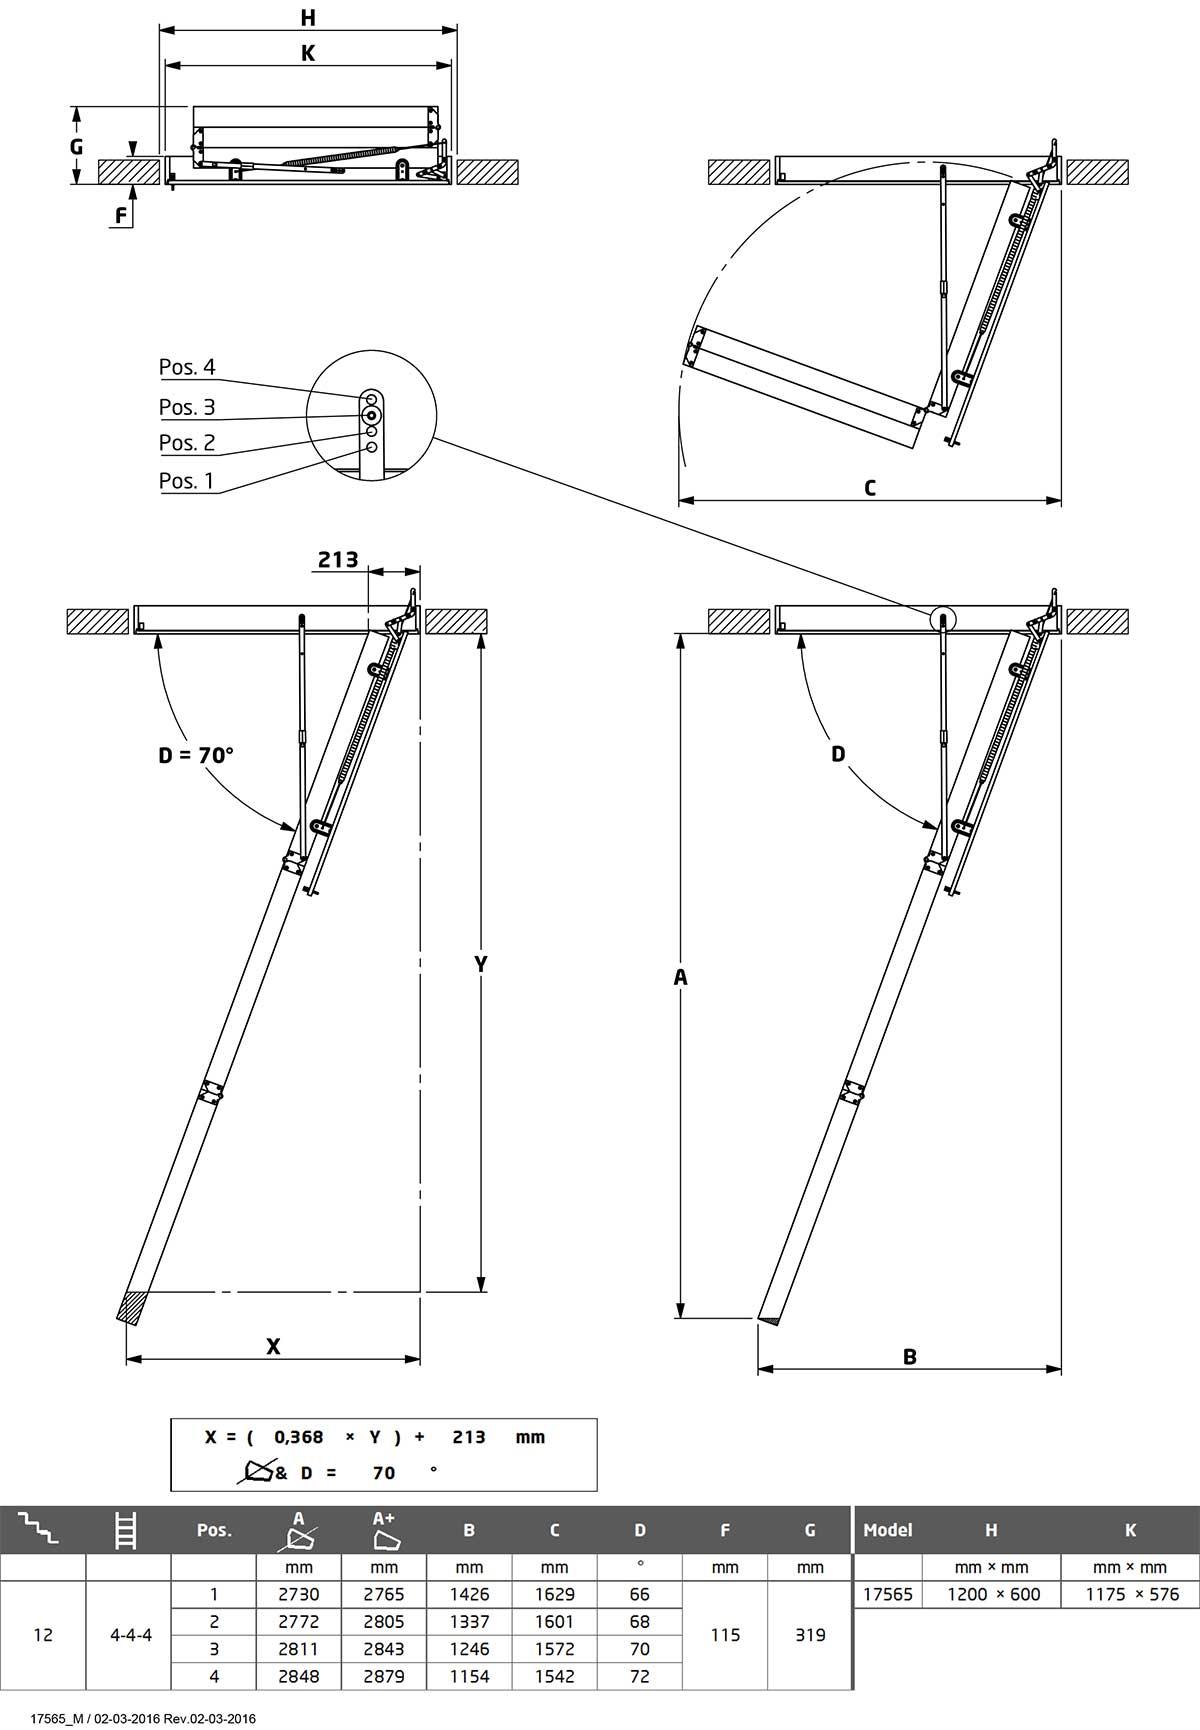 Tavanske ljestve Dolle loft SP16-5